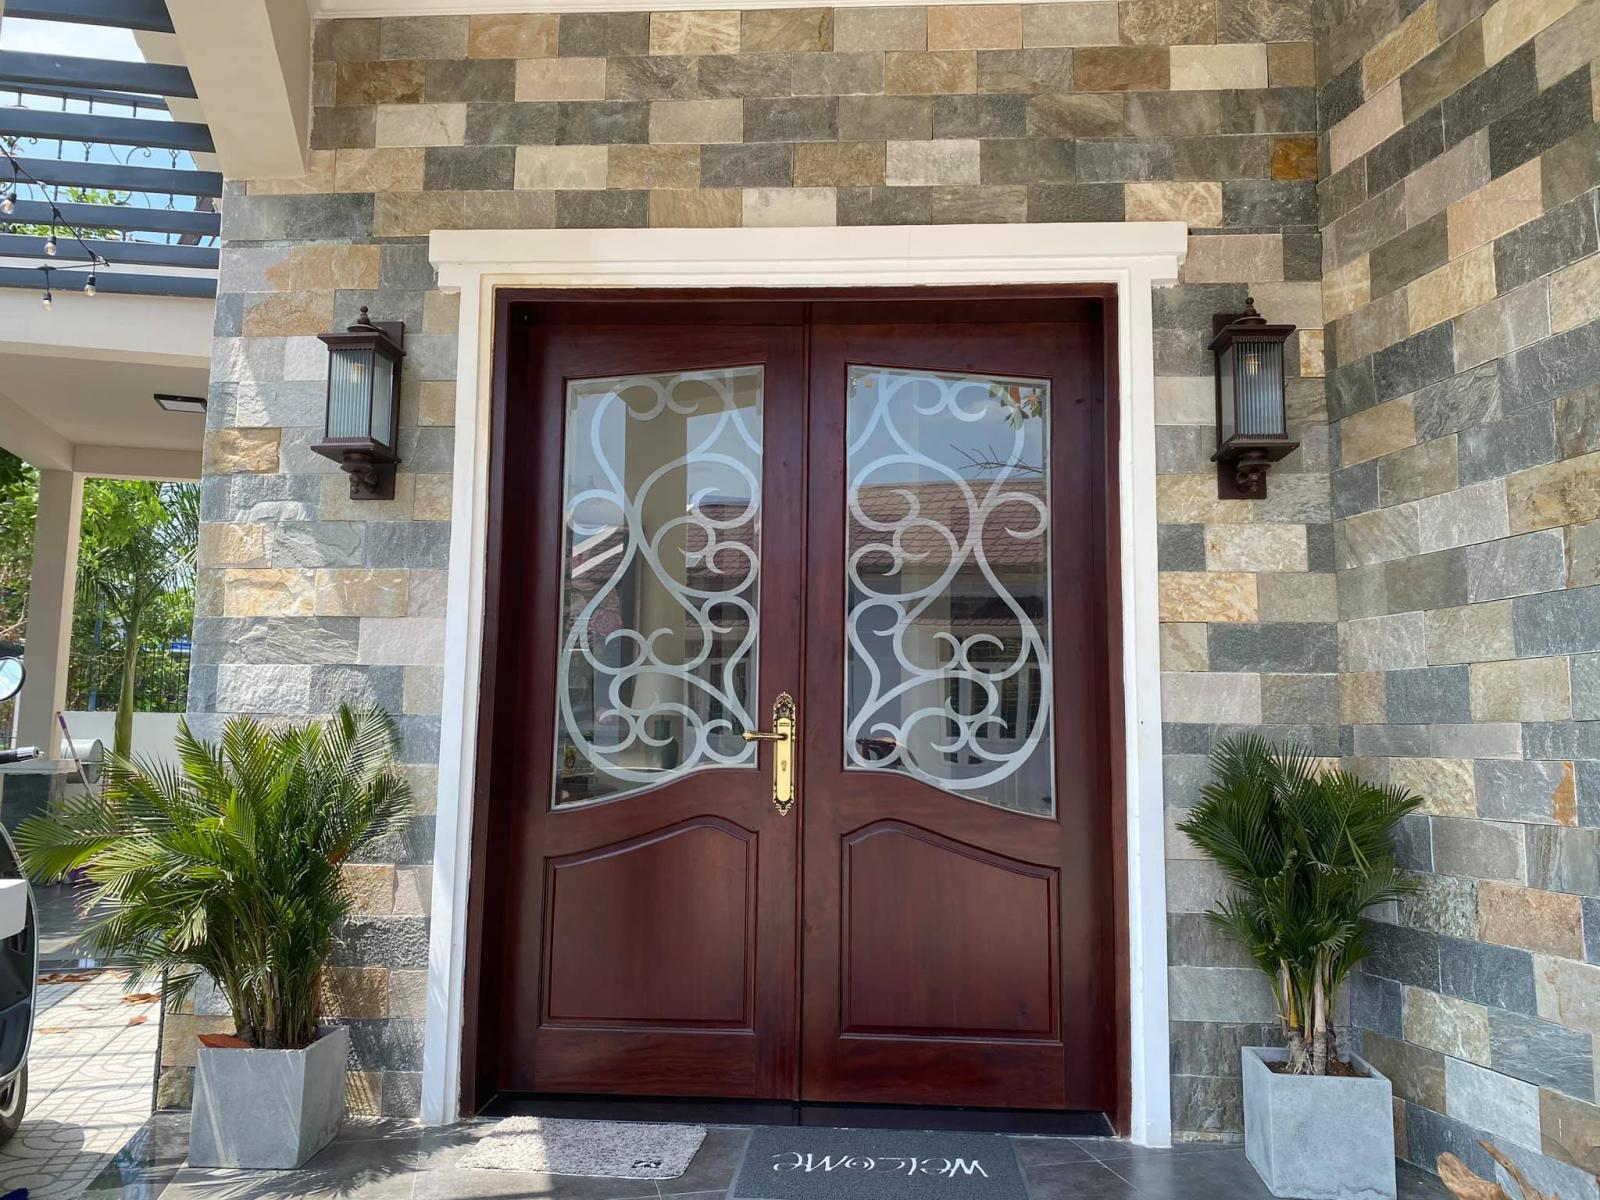 Bộ cửa gỗ lim nổi vân đẹp mắt.